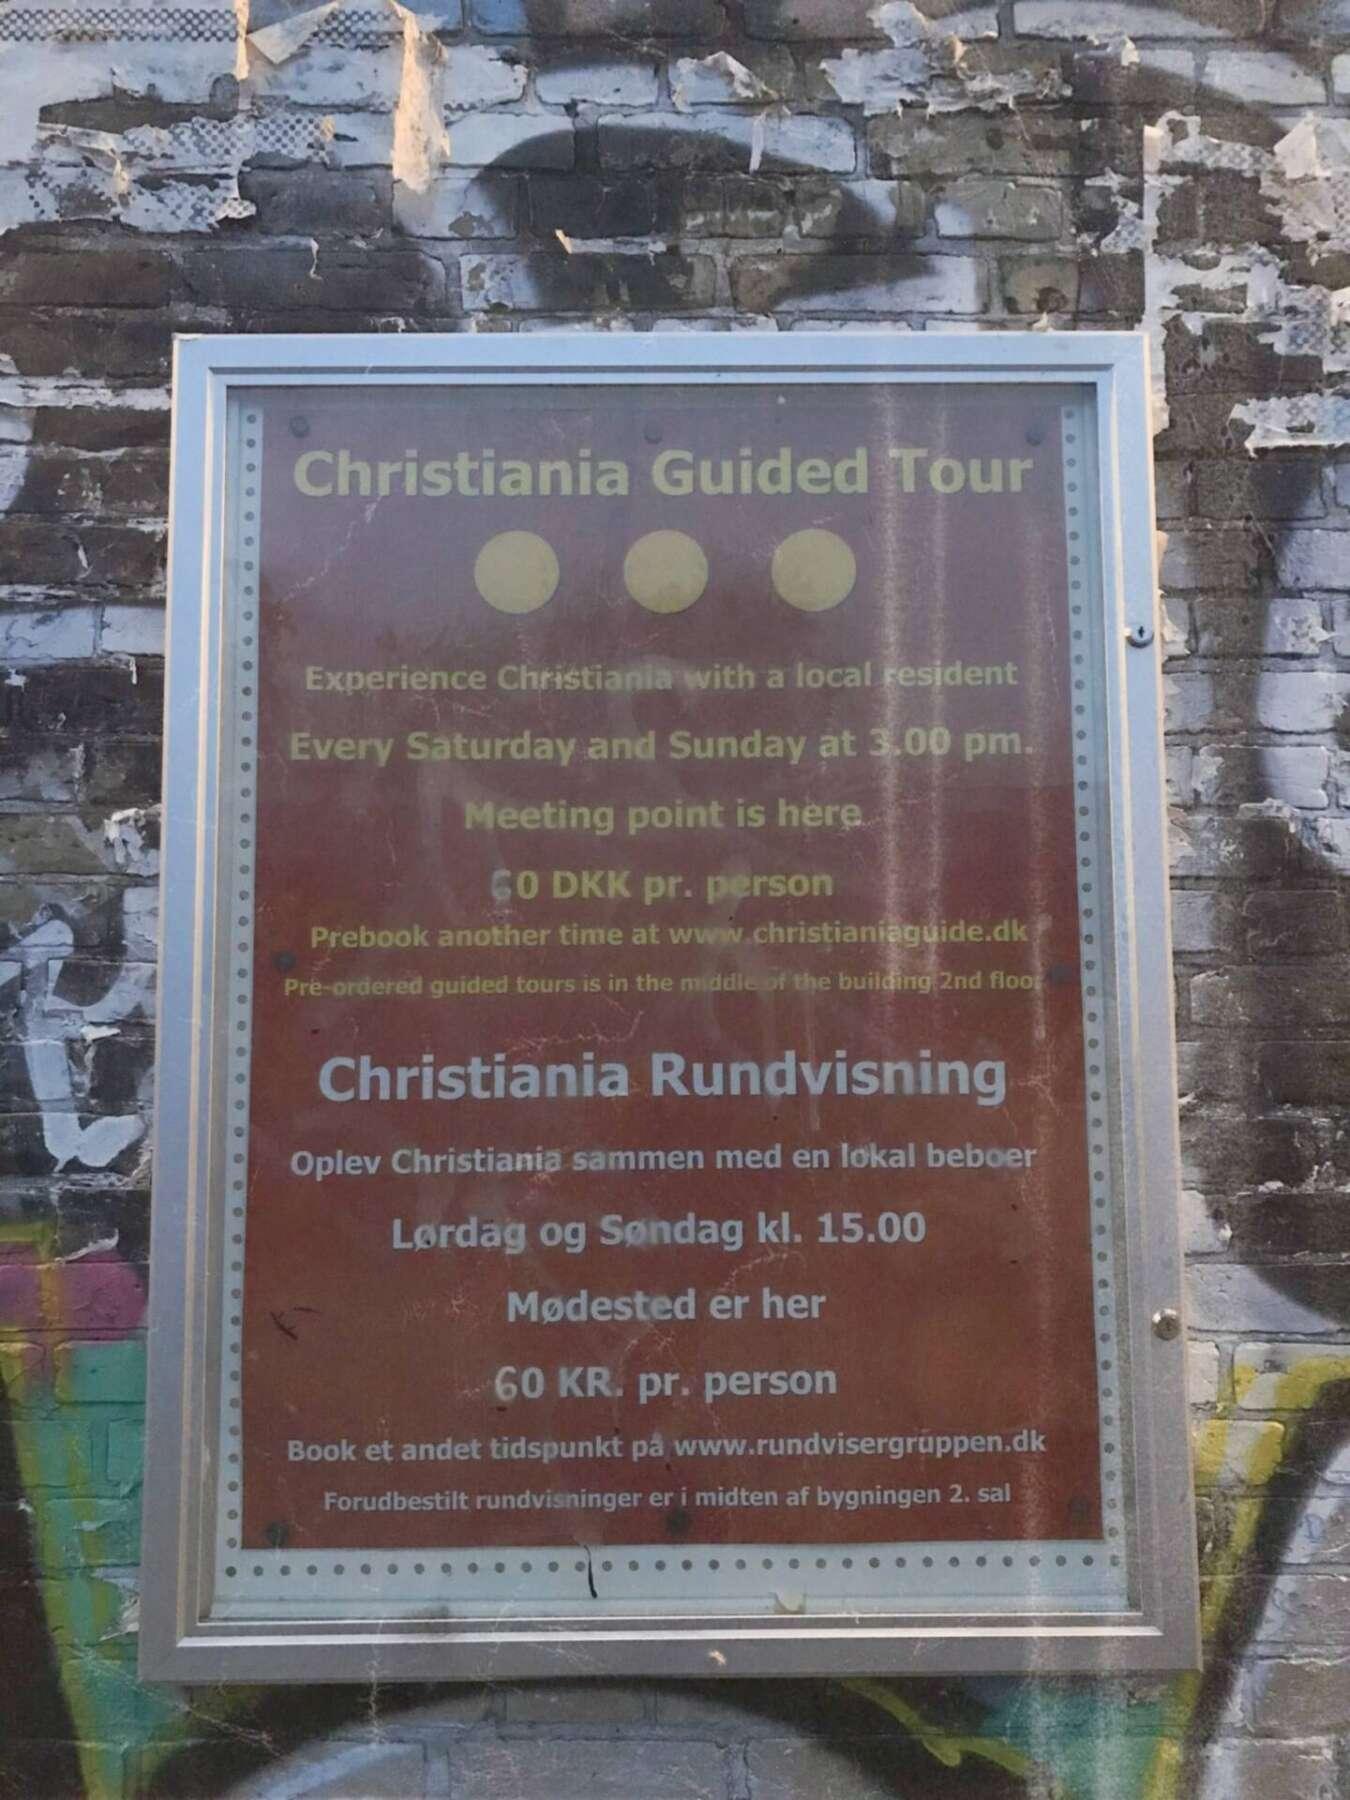 ทัวร์คริสเทเนีย (Christiania Tour)